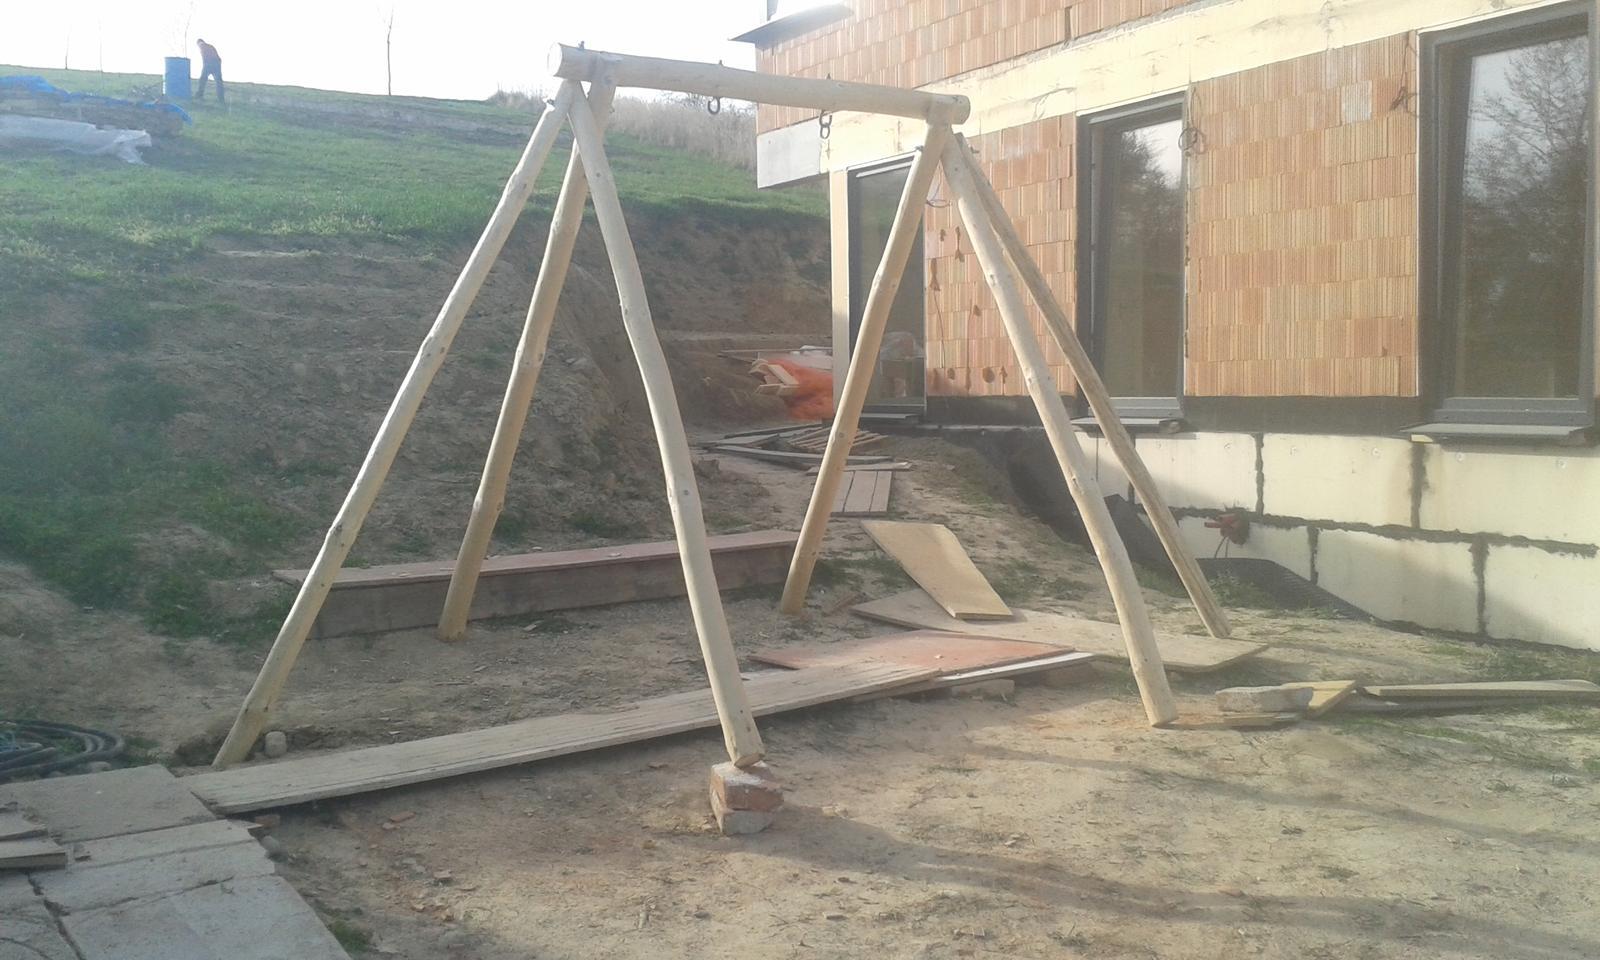 Okolie domu, záhrada - 3.4.2016 - Húpačka pre syna, domáca výroba. Zatiaľ provizórne postavená, treba ju natreť a chcem dorobiť pieskovisko a lozenie. Budem musieť pre ňu spraviť aj rovinku niekde v kopci.